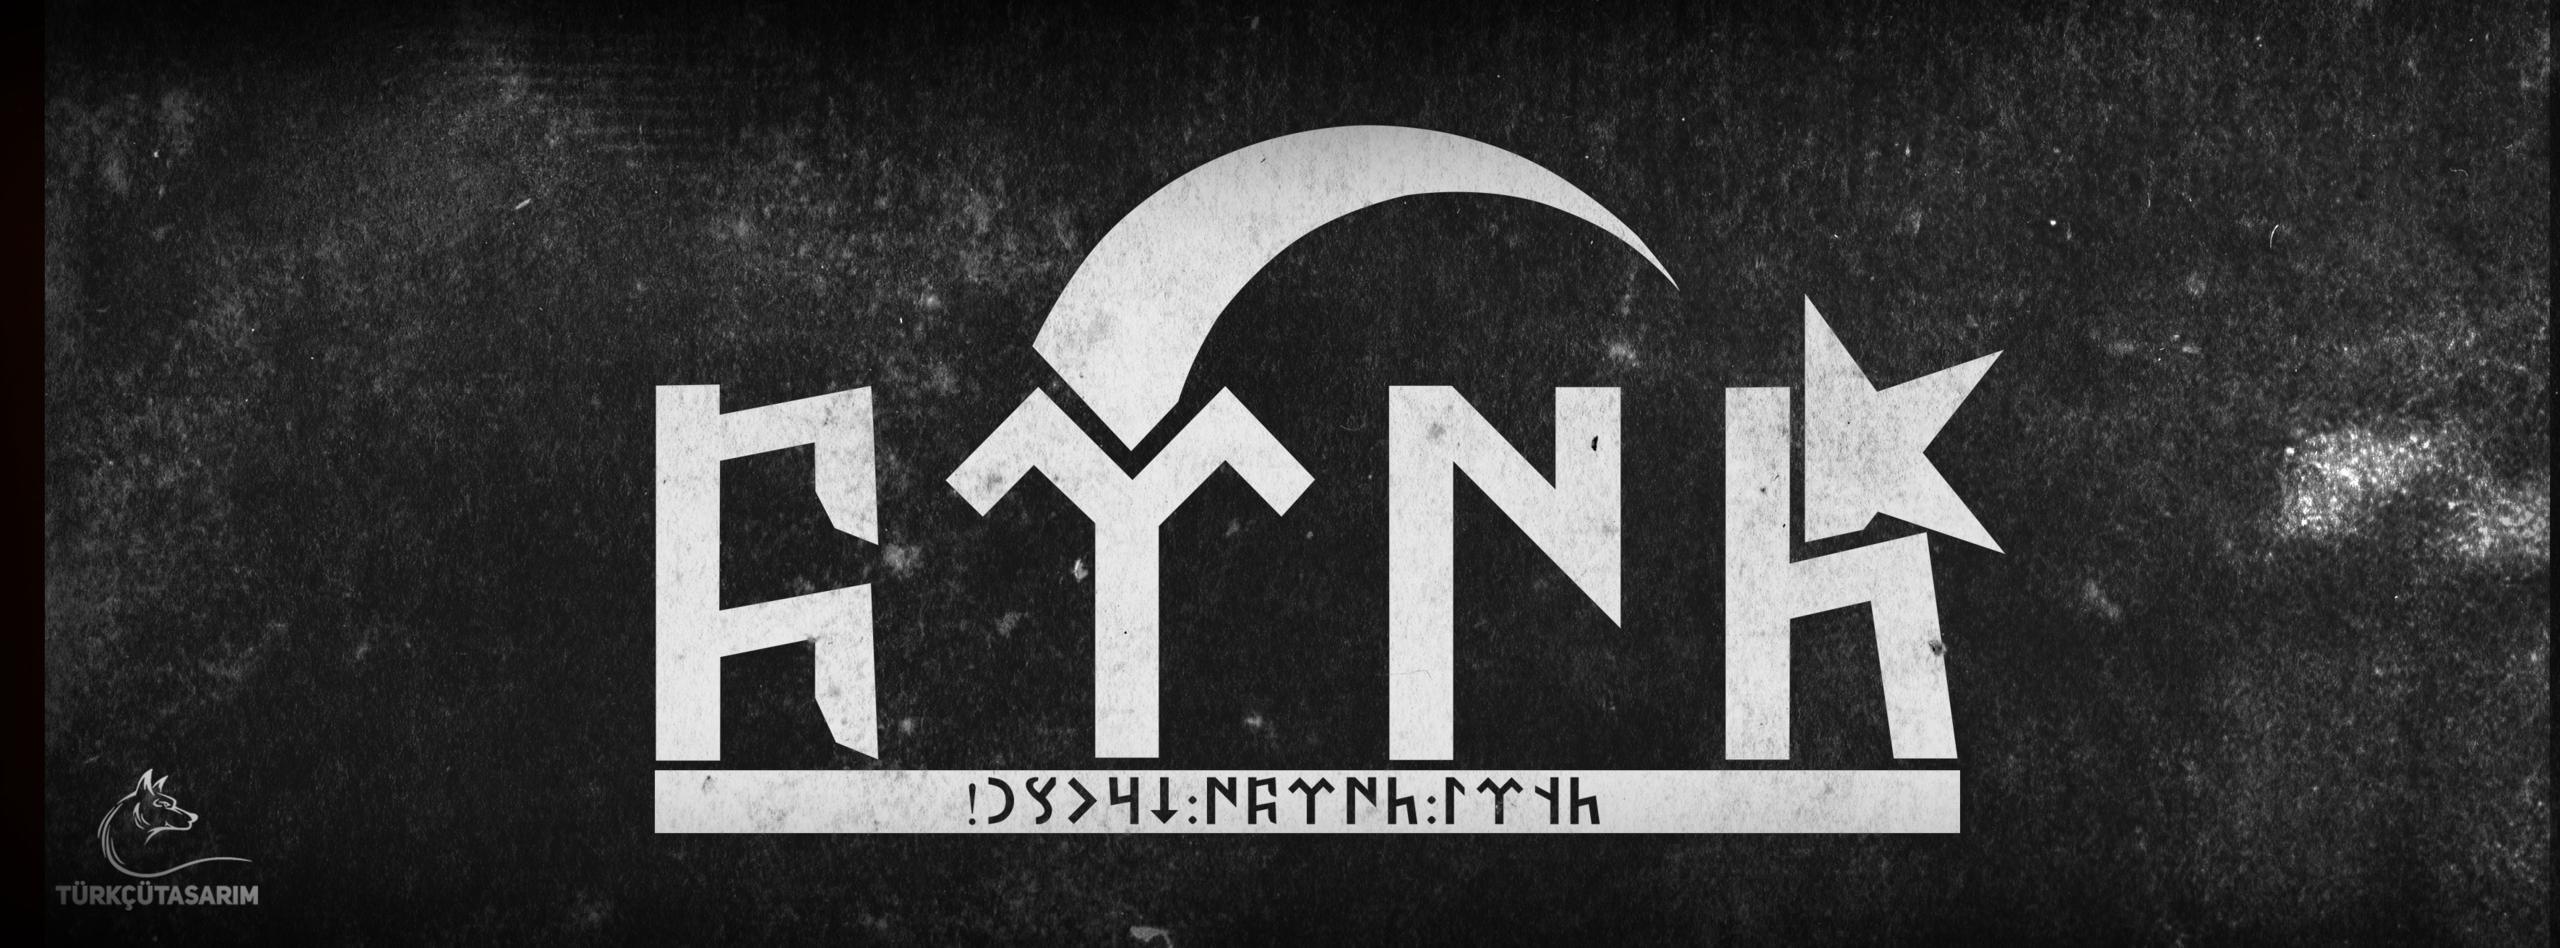 göktürkçe türk ay yıldız ve tengri türkü korusun yazısı